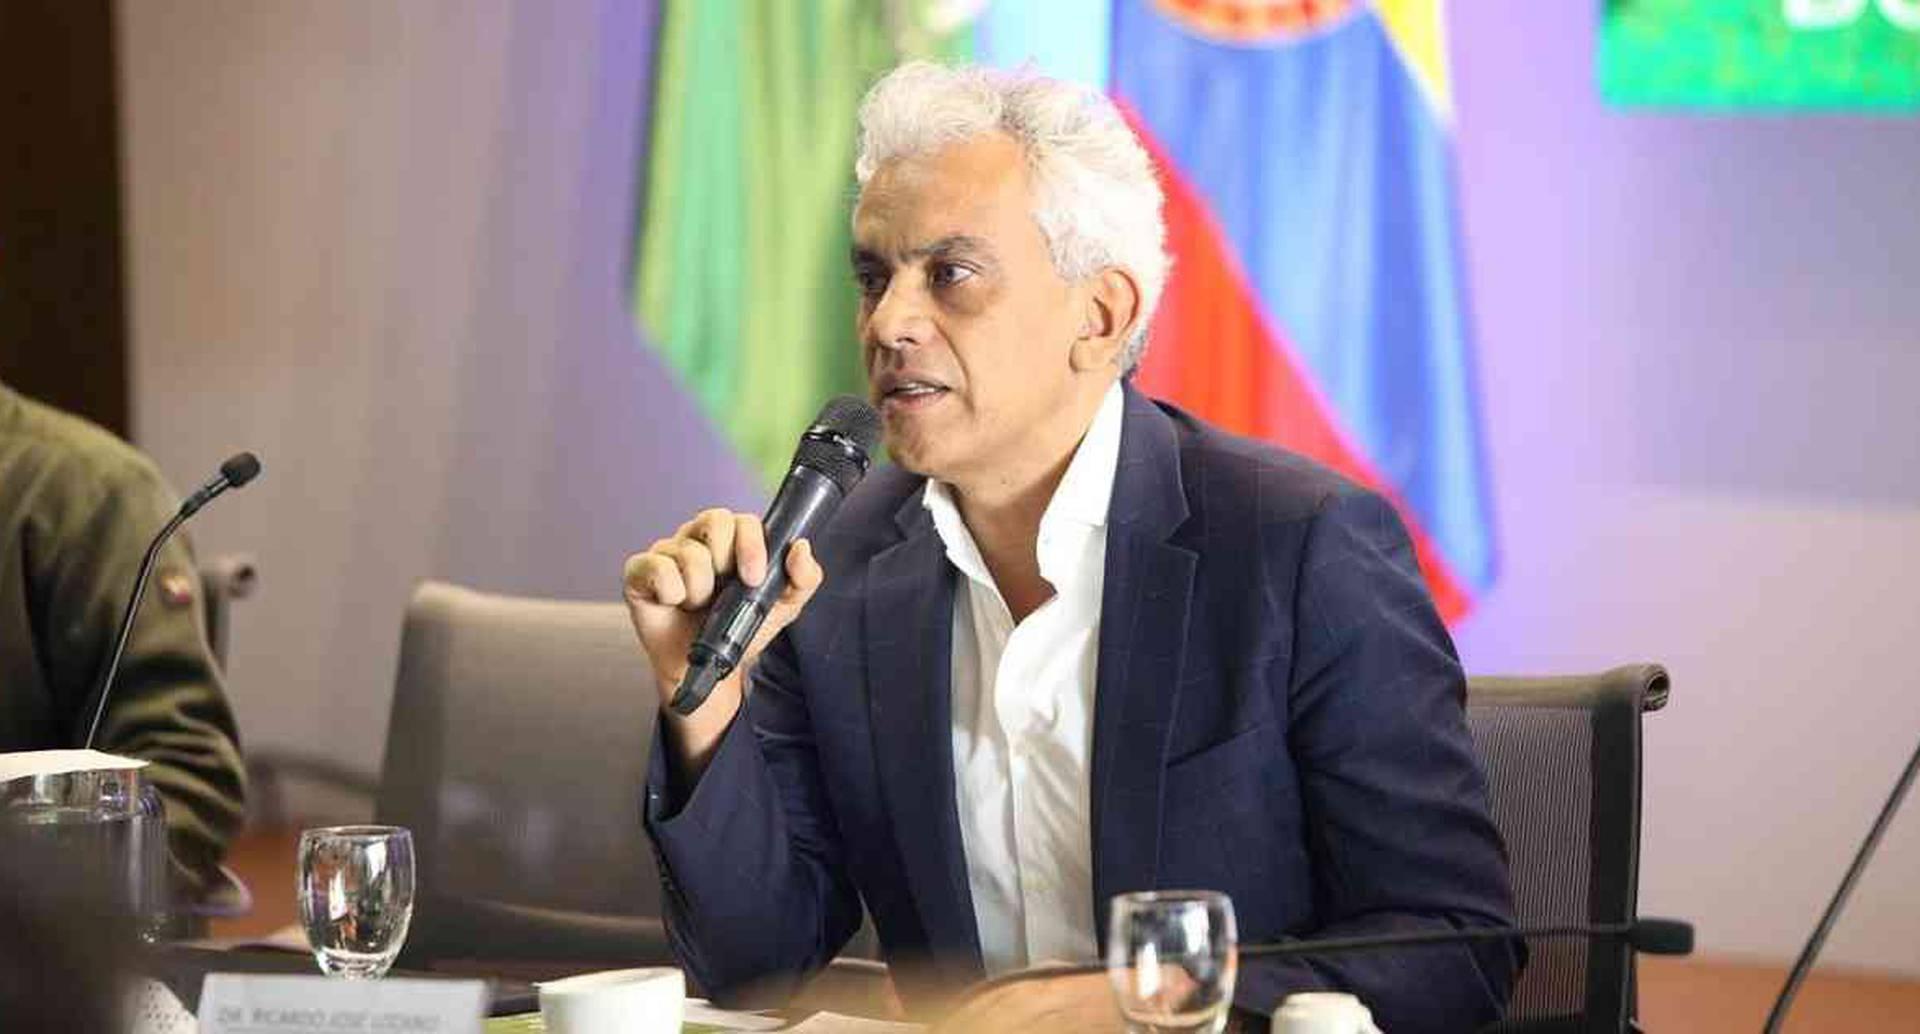 El ministro de Ambiente y Desarrollo Sostenible, Ricardo Lozano, lideró la segunda mesa ambiental que se realizó este viernes. Foto: Ministerio de  Ambiente